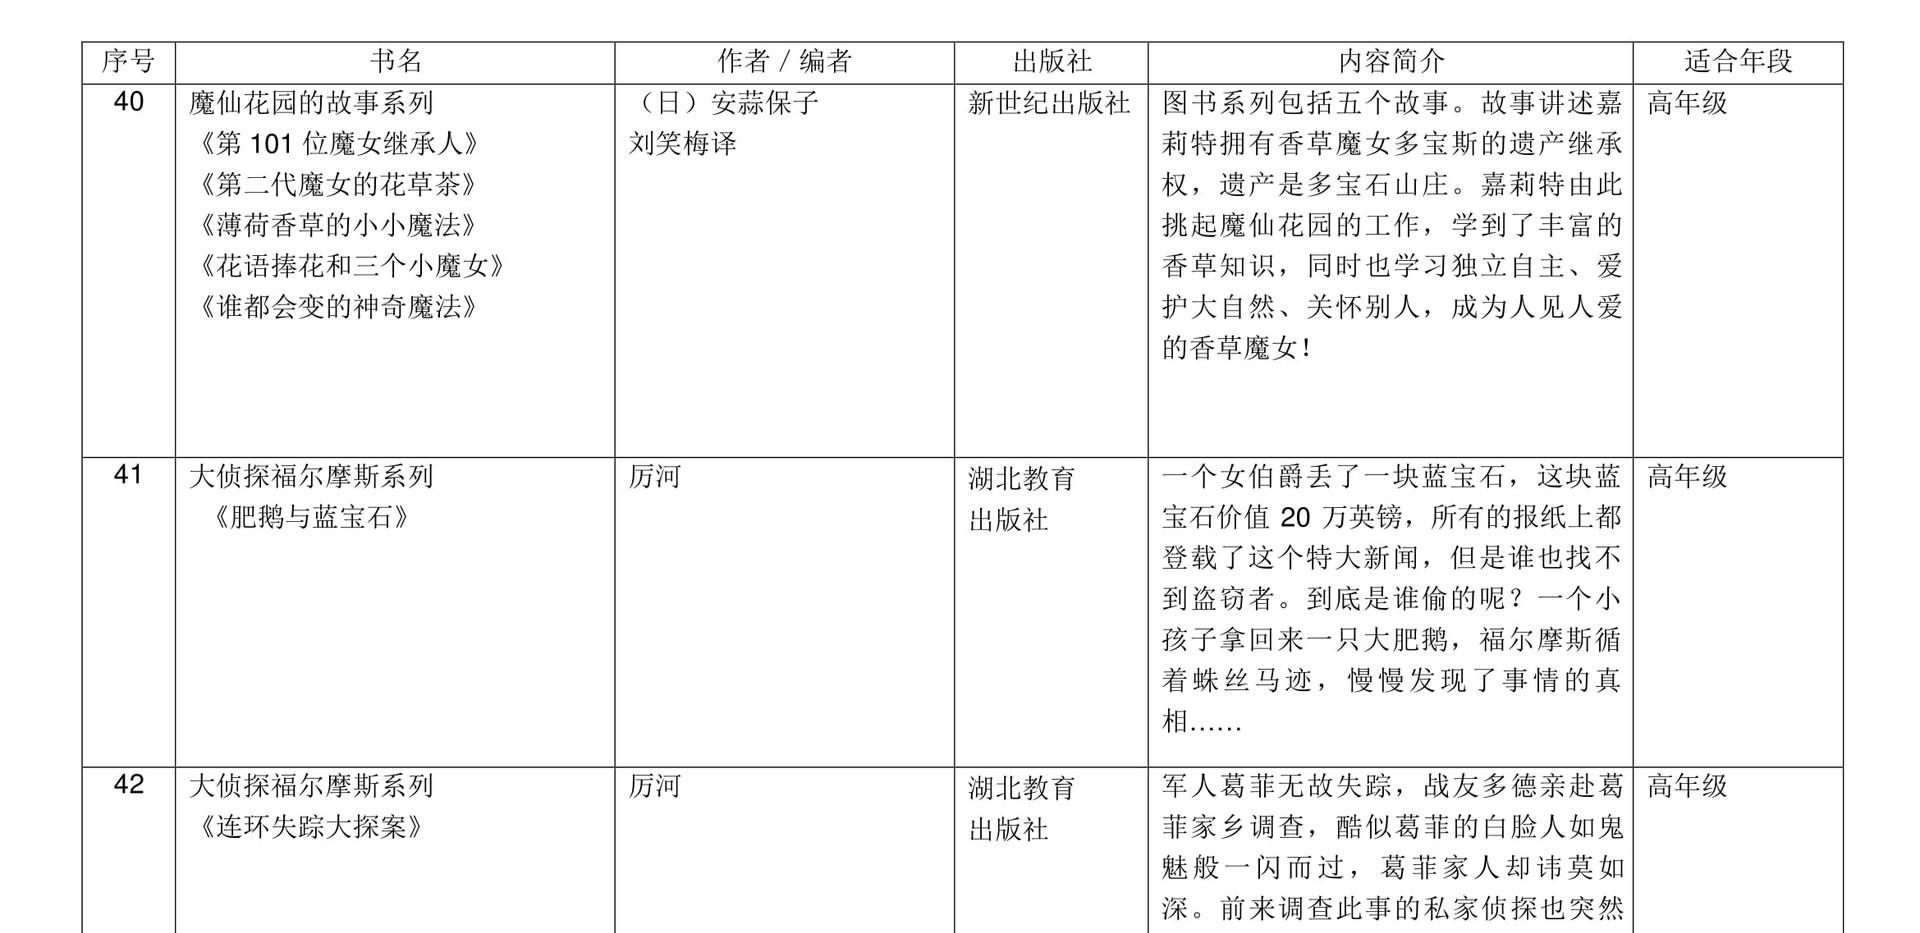 小学华文课外读物参考书目15.jpg